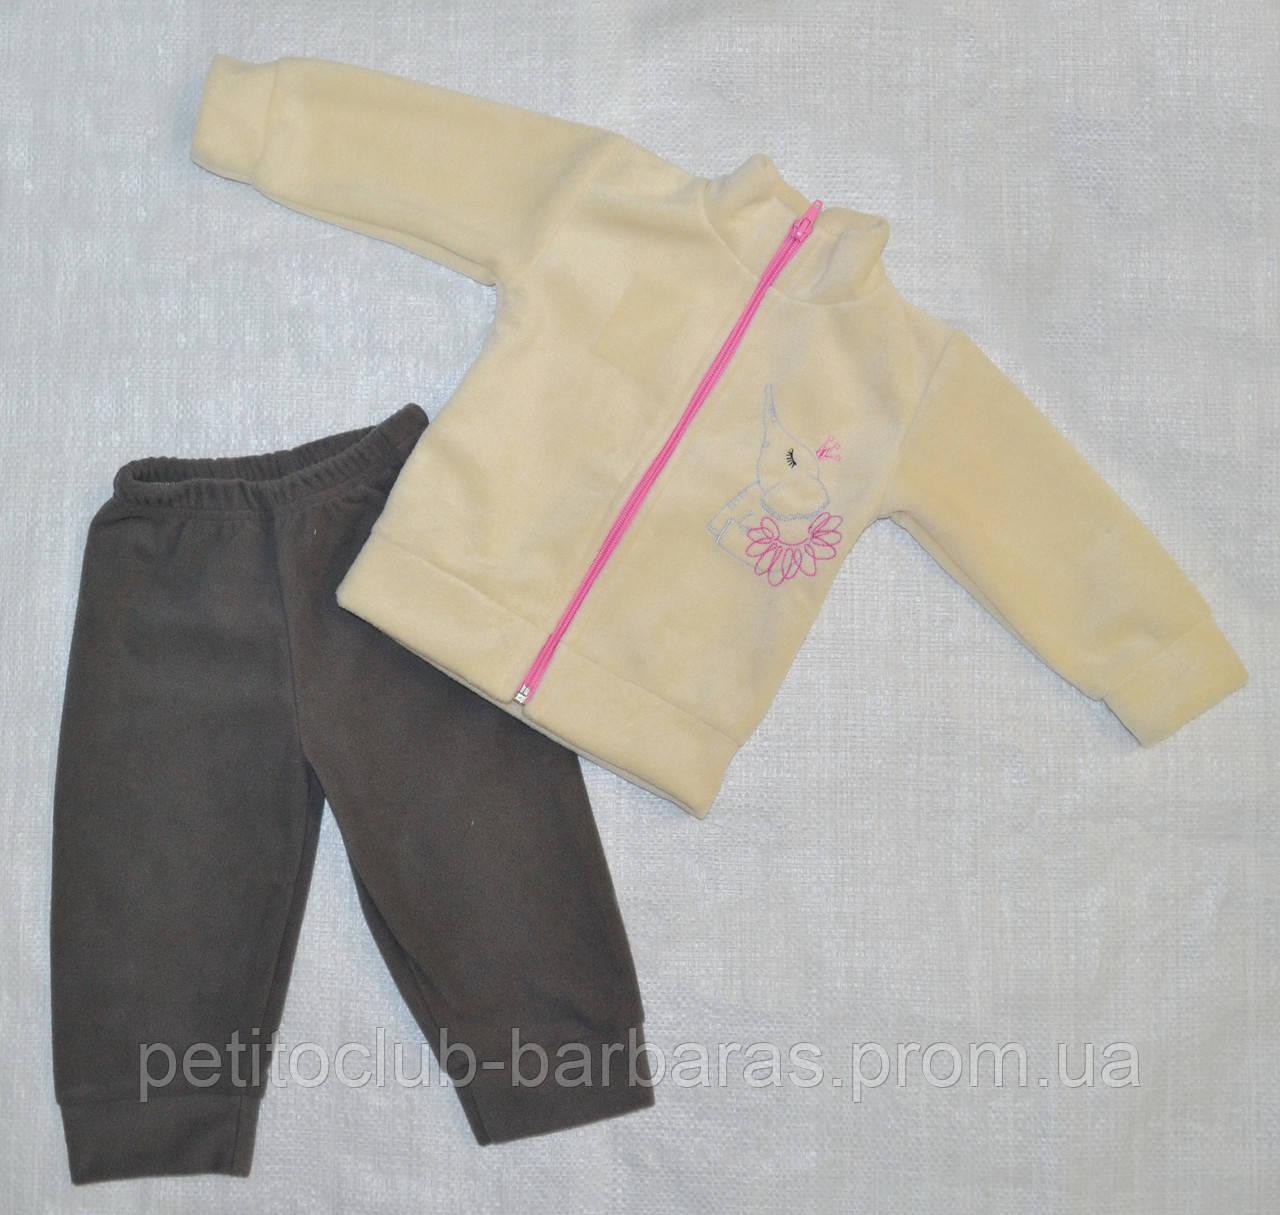 """Детский флисовый костюм """"Слоник"""" для девочки (р. 74-98 см) (Украина)"""